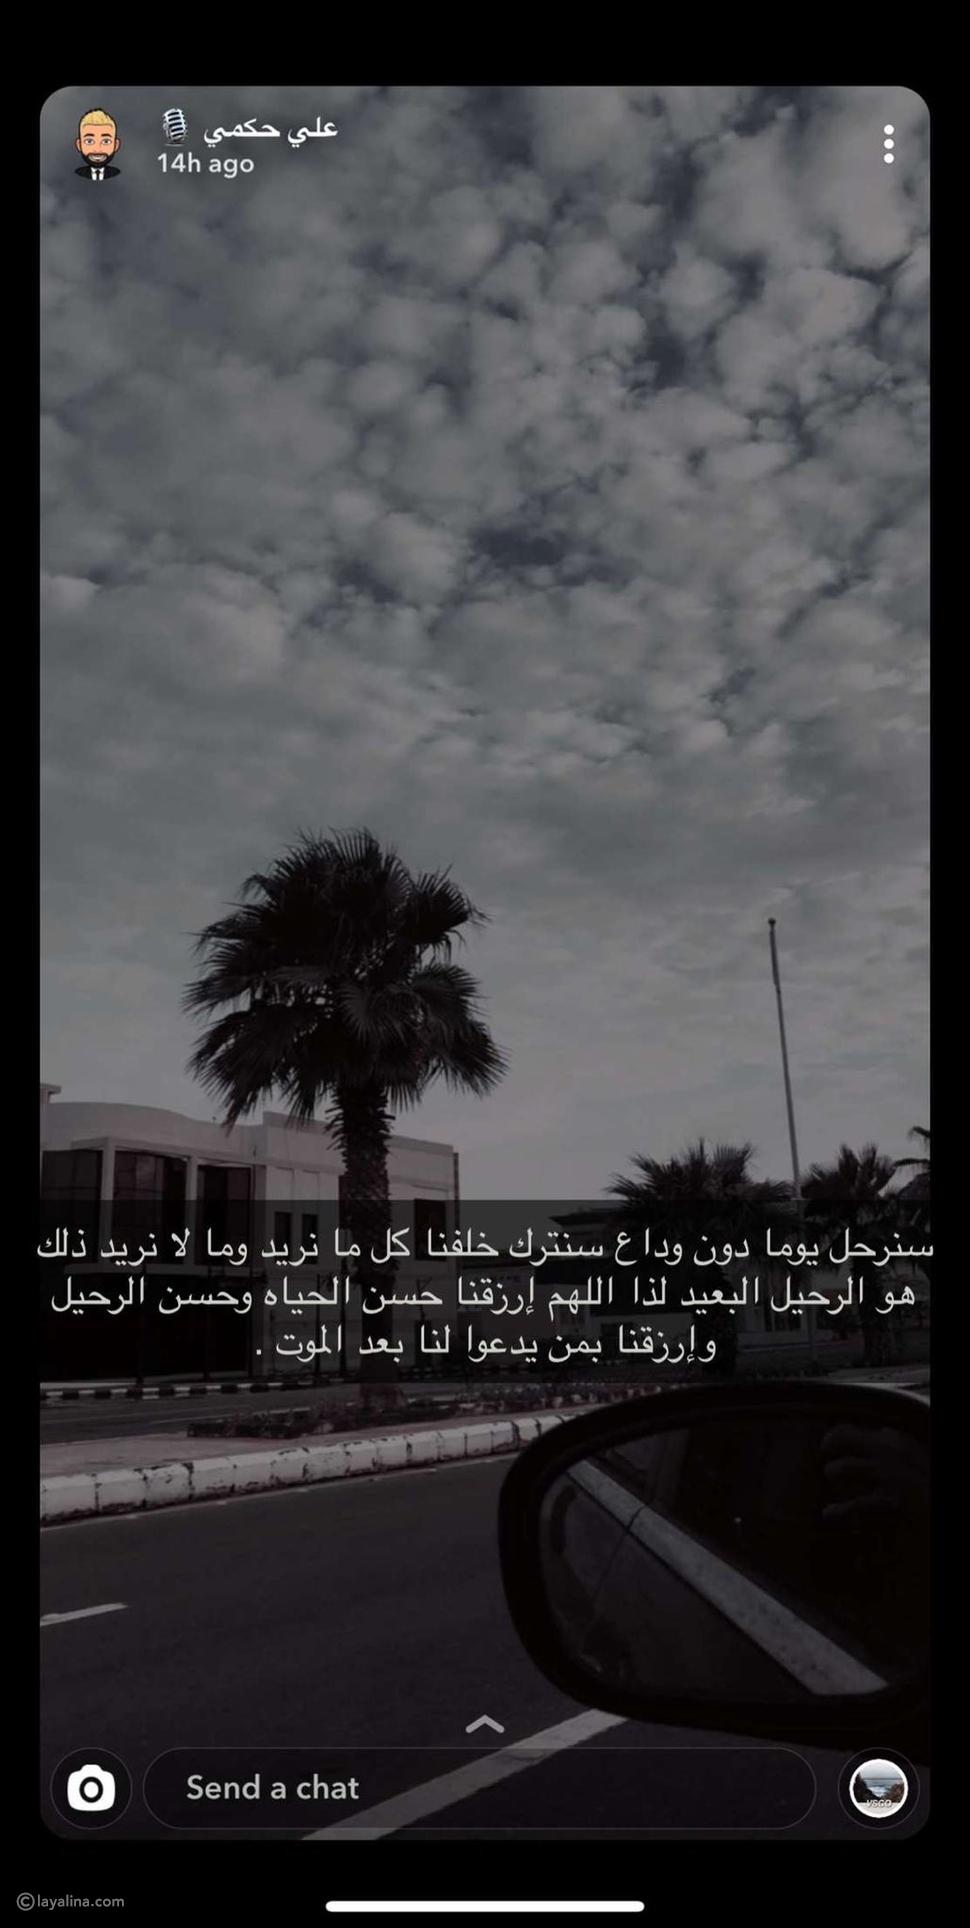 آخر ما كتبه علي حكمي على سناب شات قبل وفاته